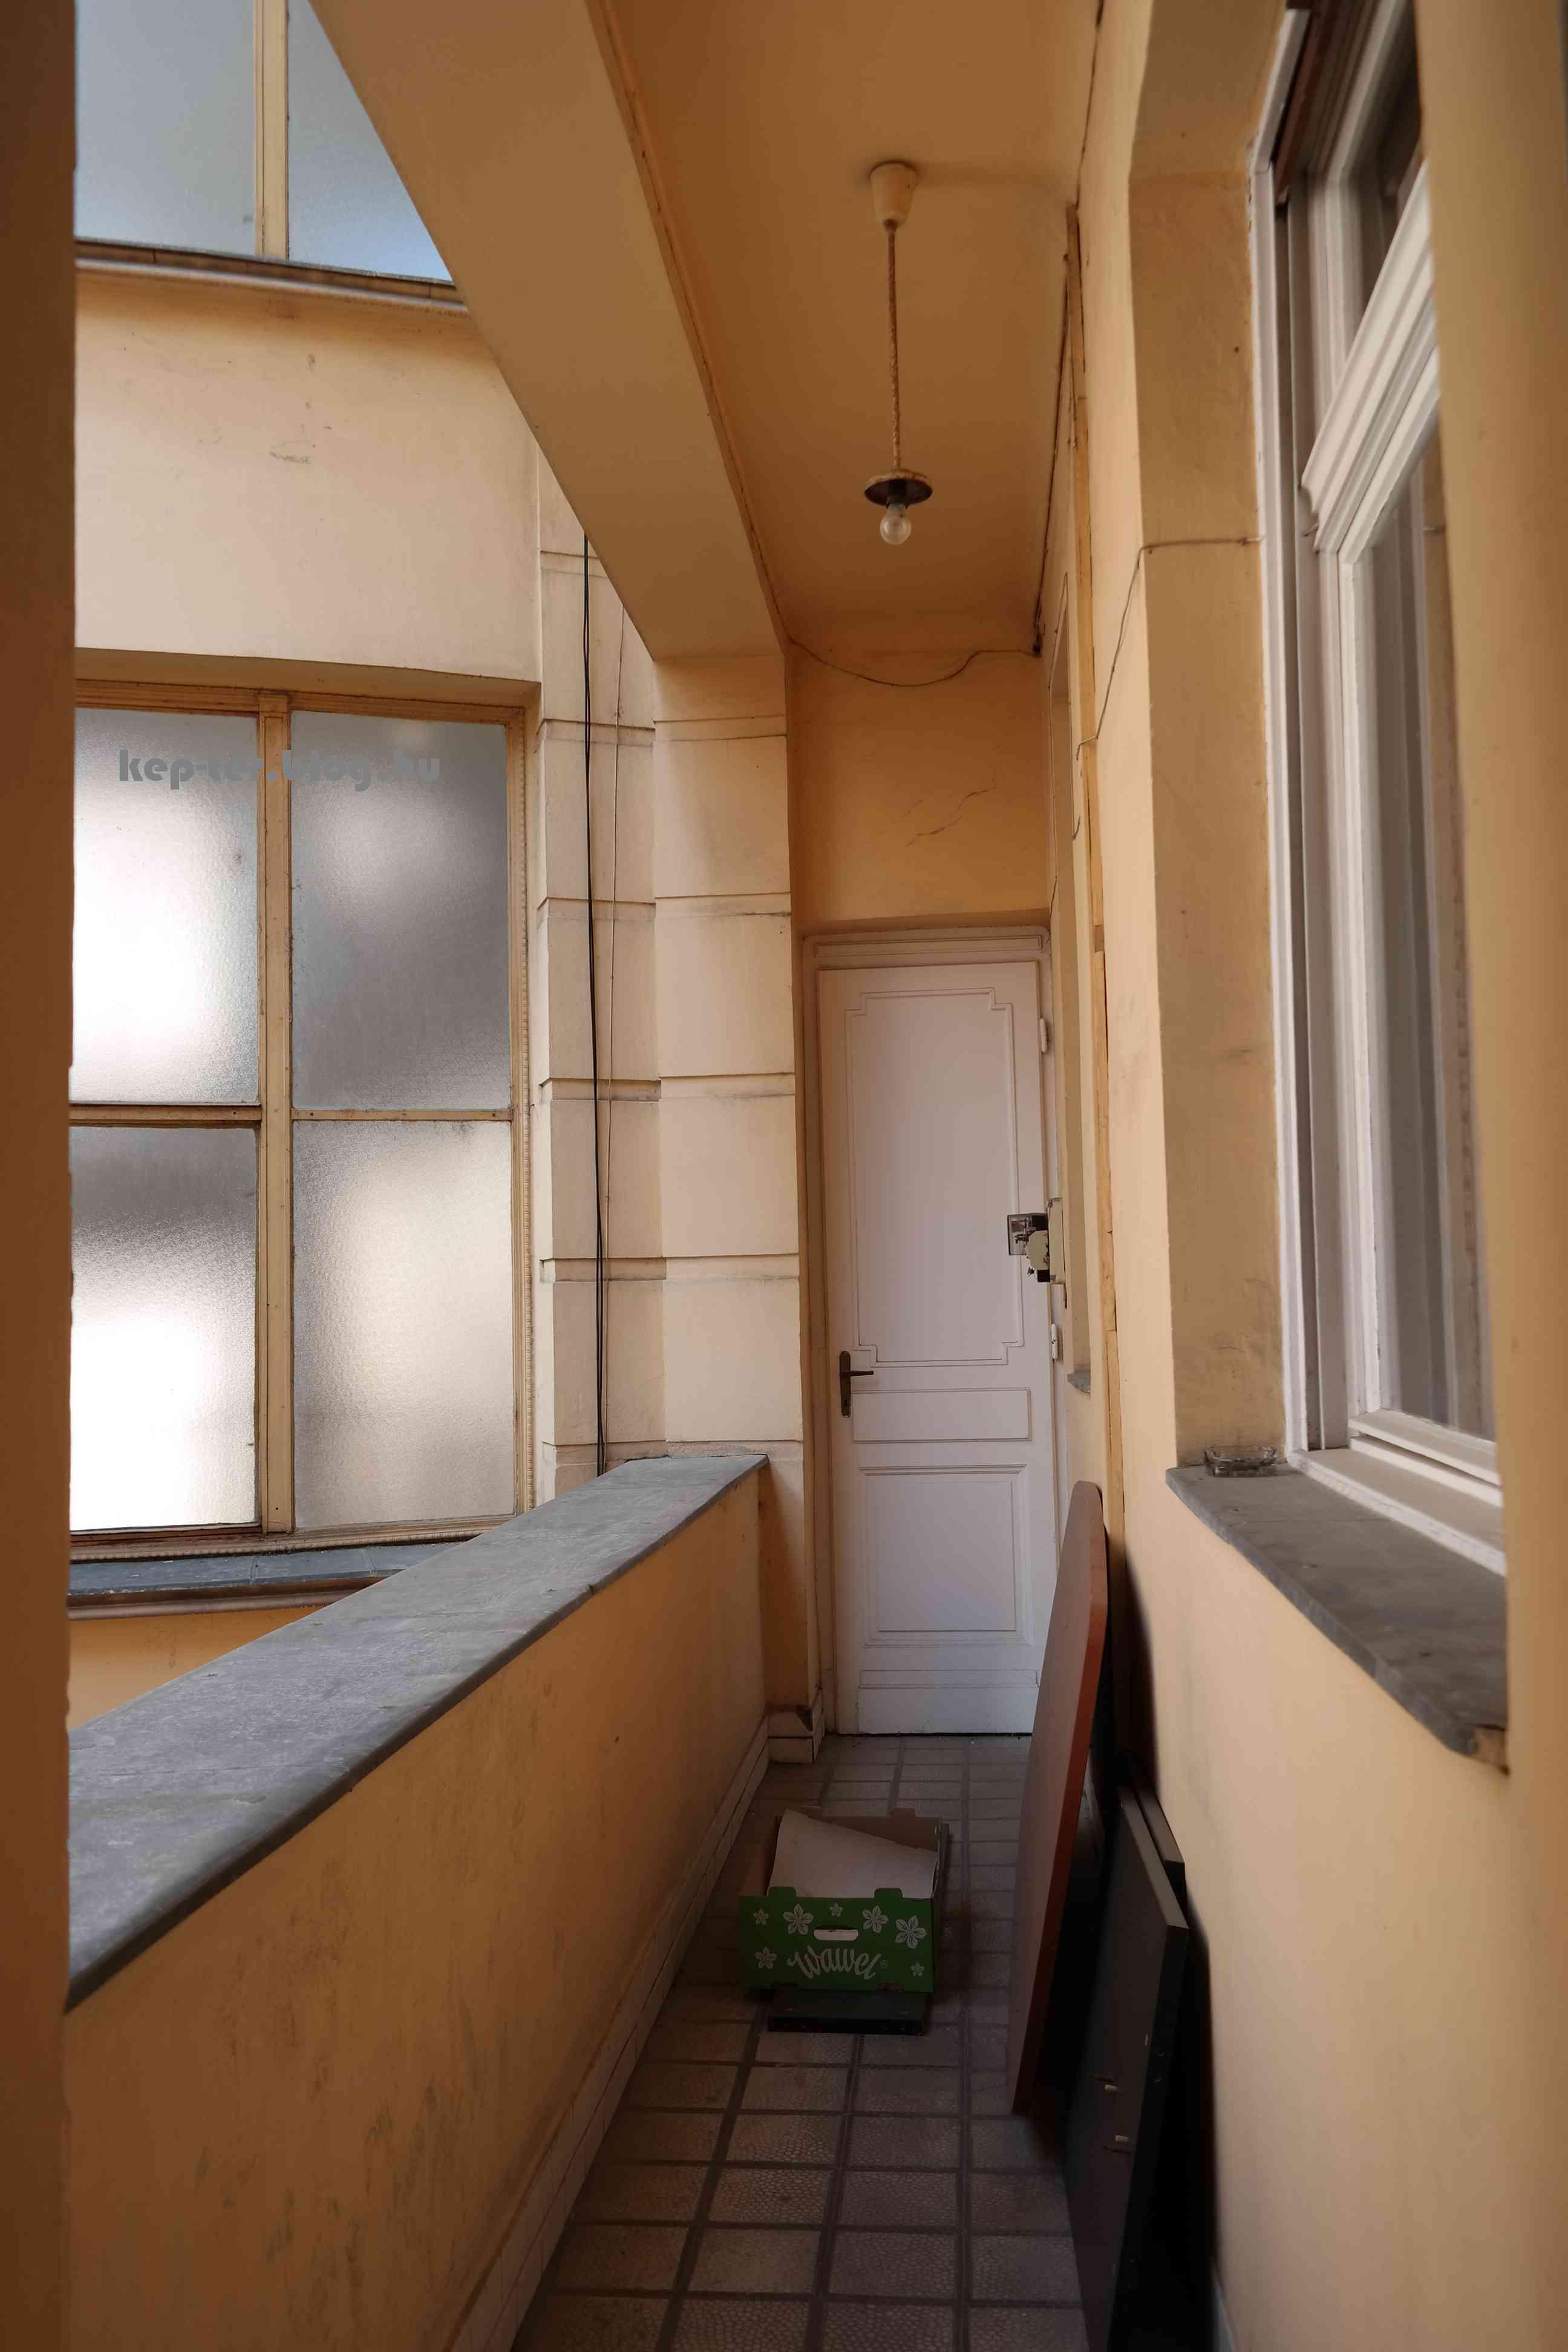 A lépcsőházból nyíló, a belső udvarra néző folyosókon át léptek a cselédek a lakás konyhájába illetve a cselédszobába.